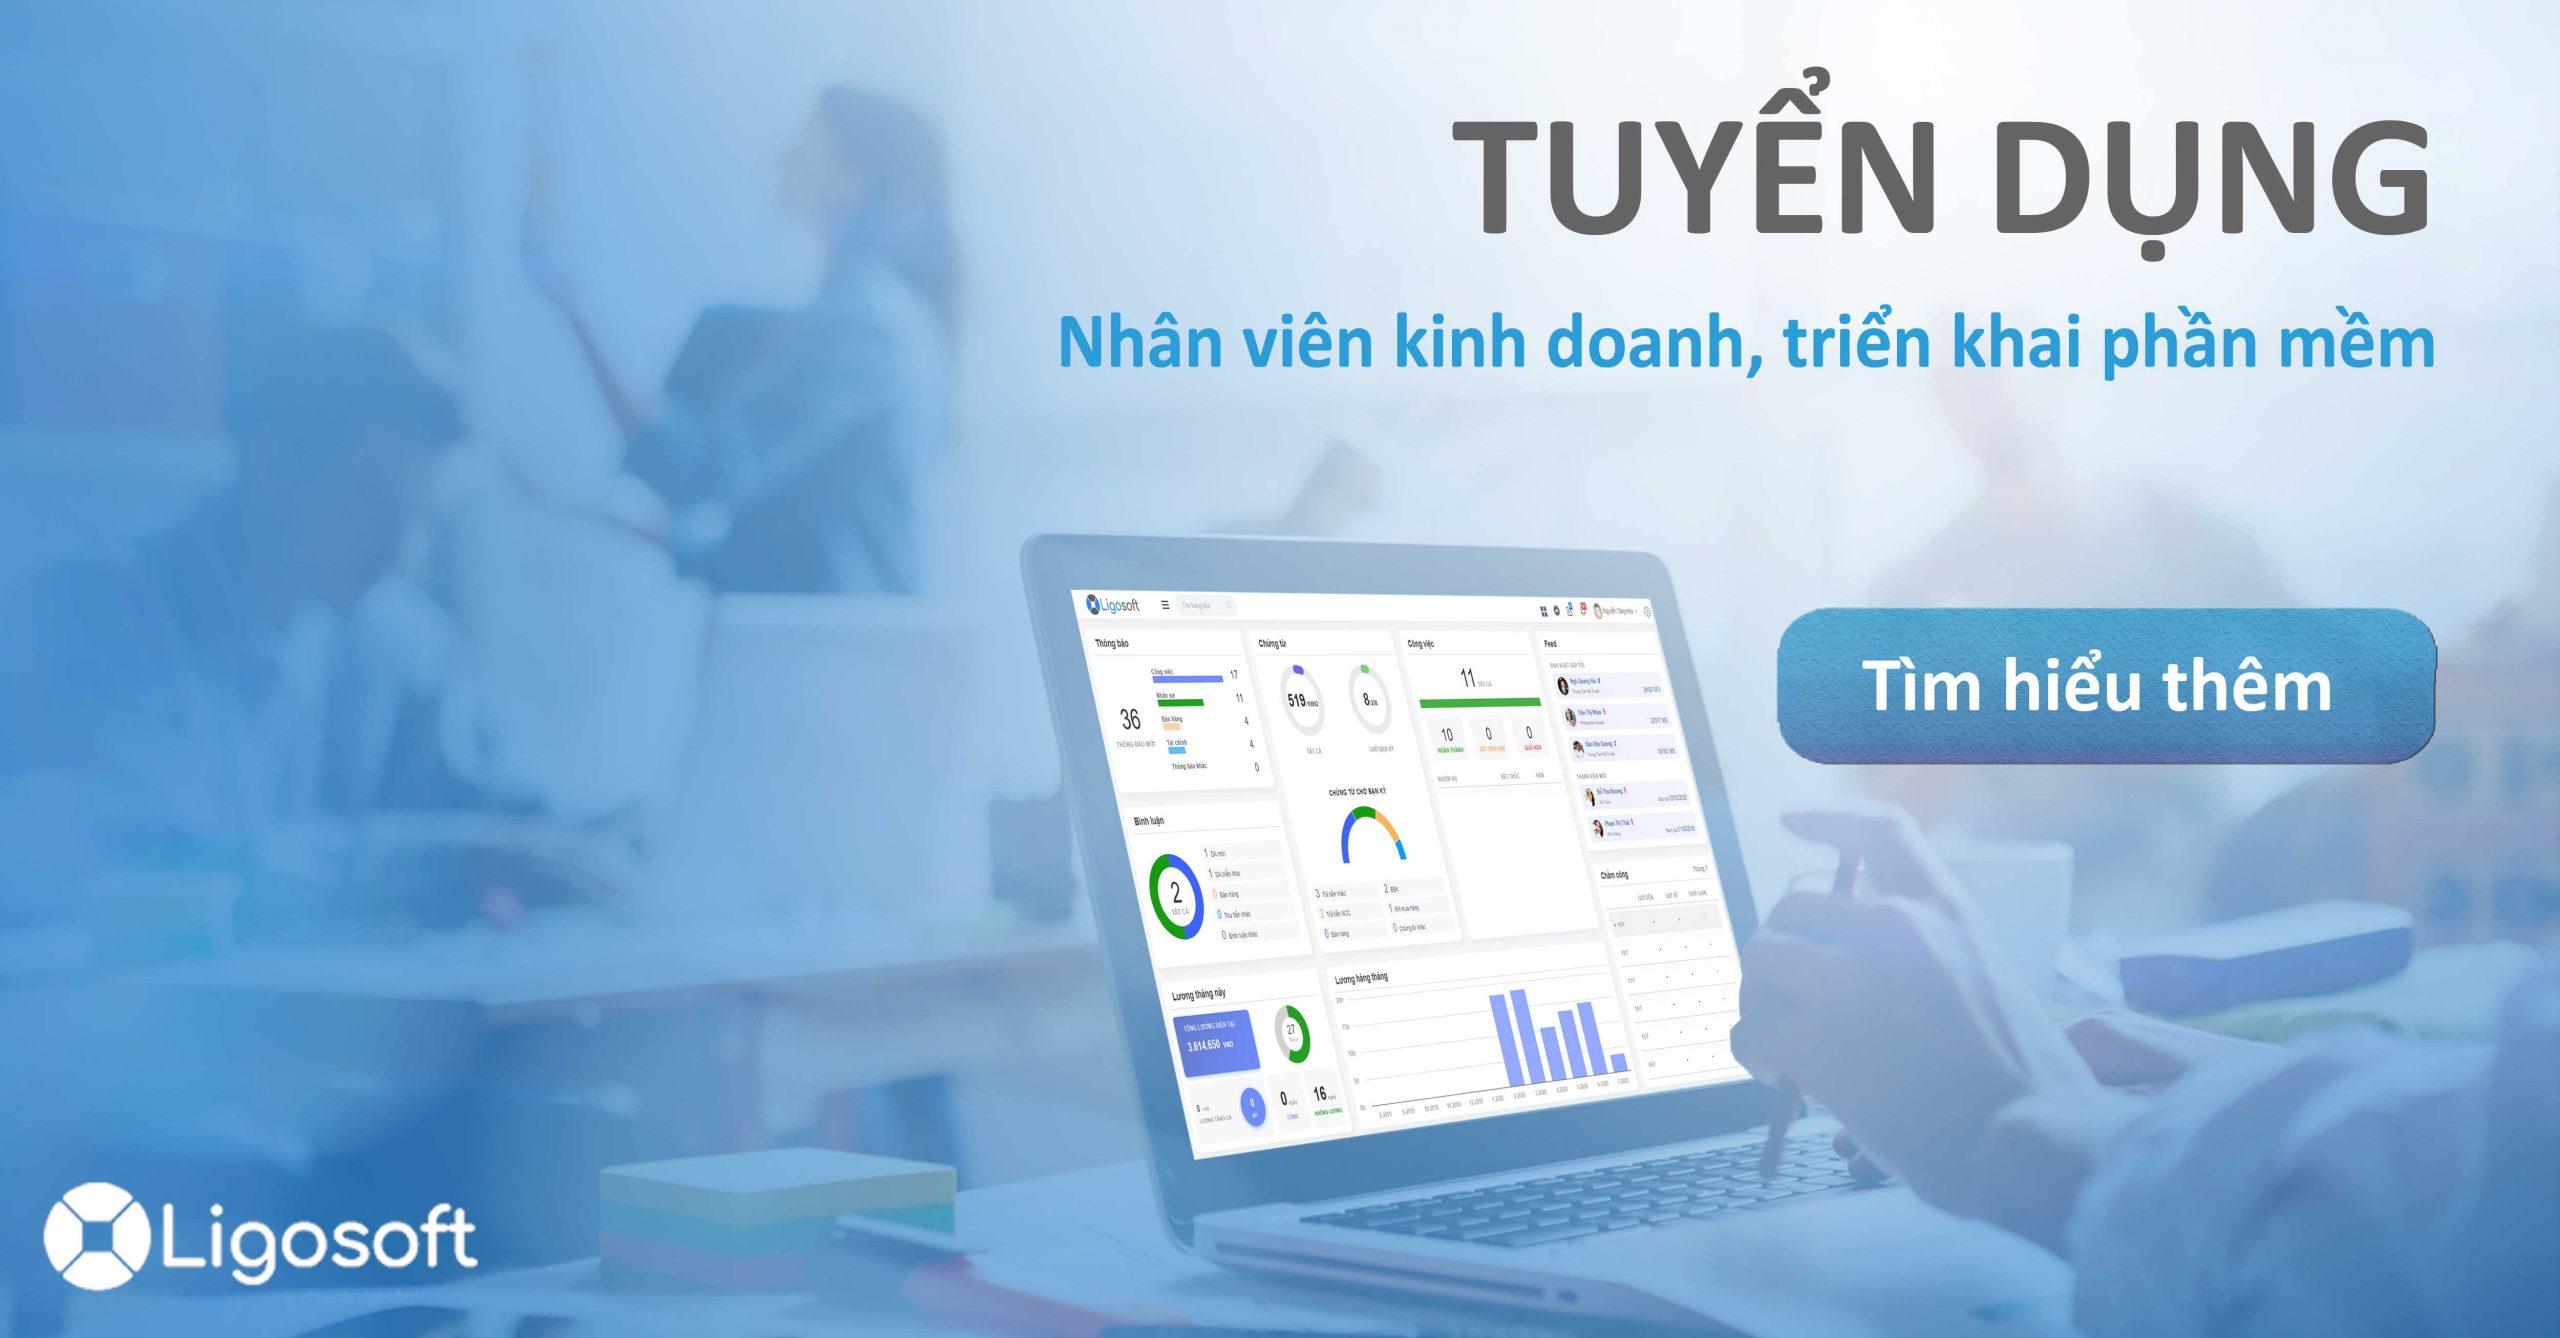 Ligosoft tuyển dụng Kinh doanh, triển khai phần mềm tại Hà Nội, Thanh Hóa